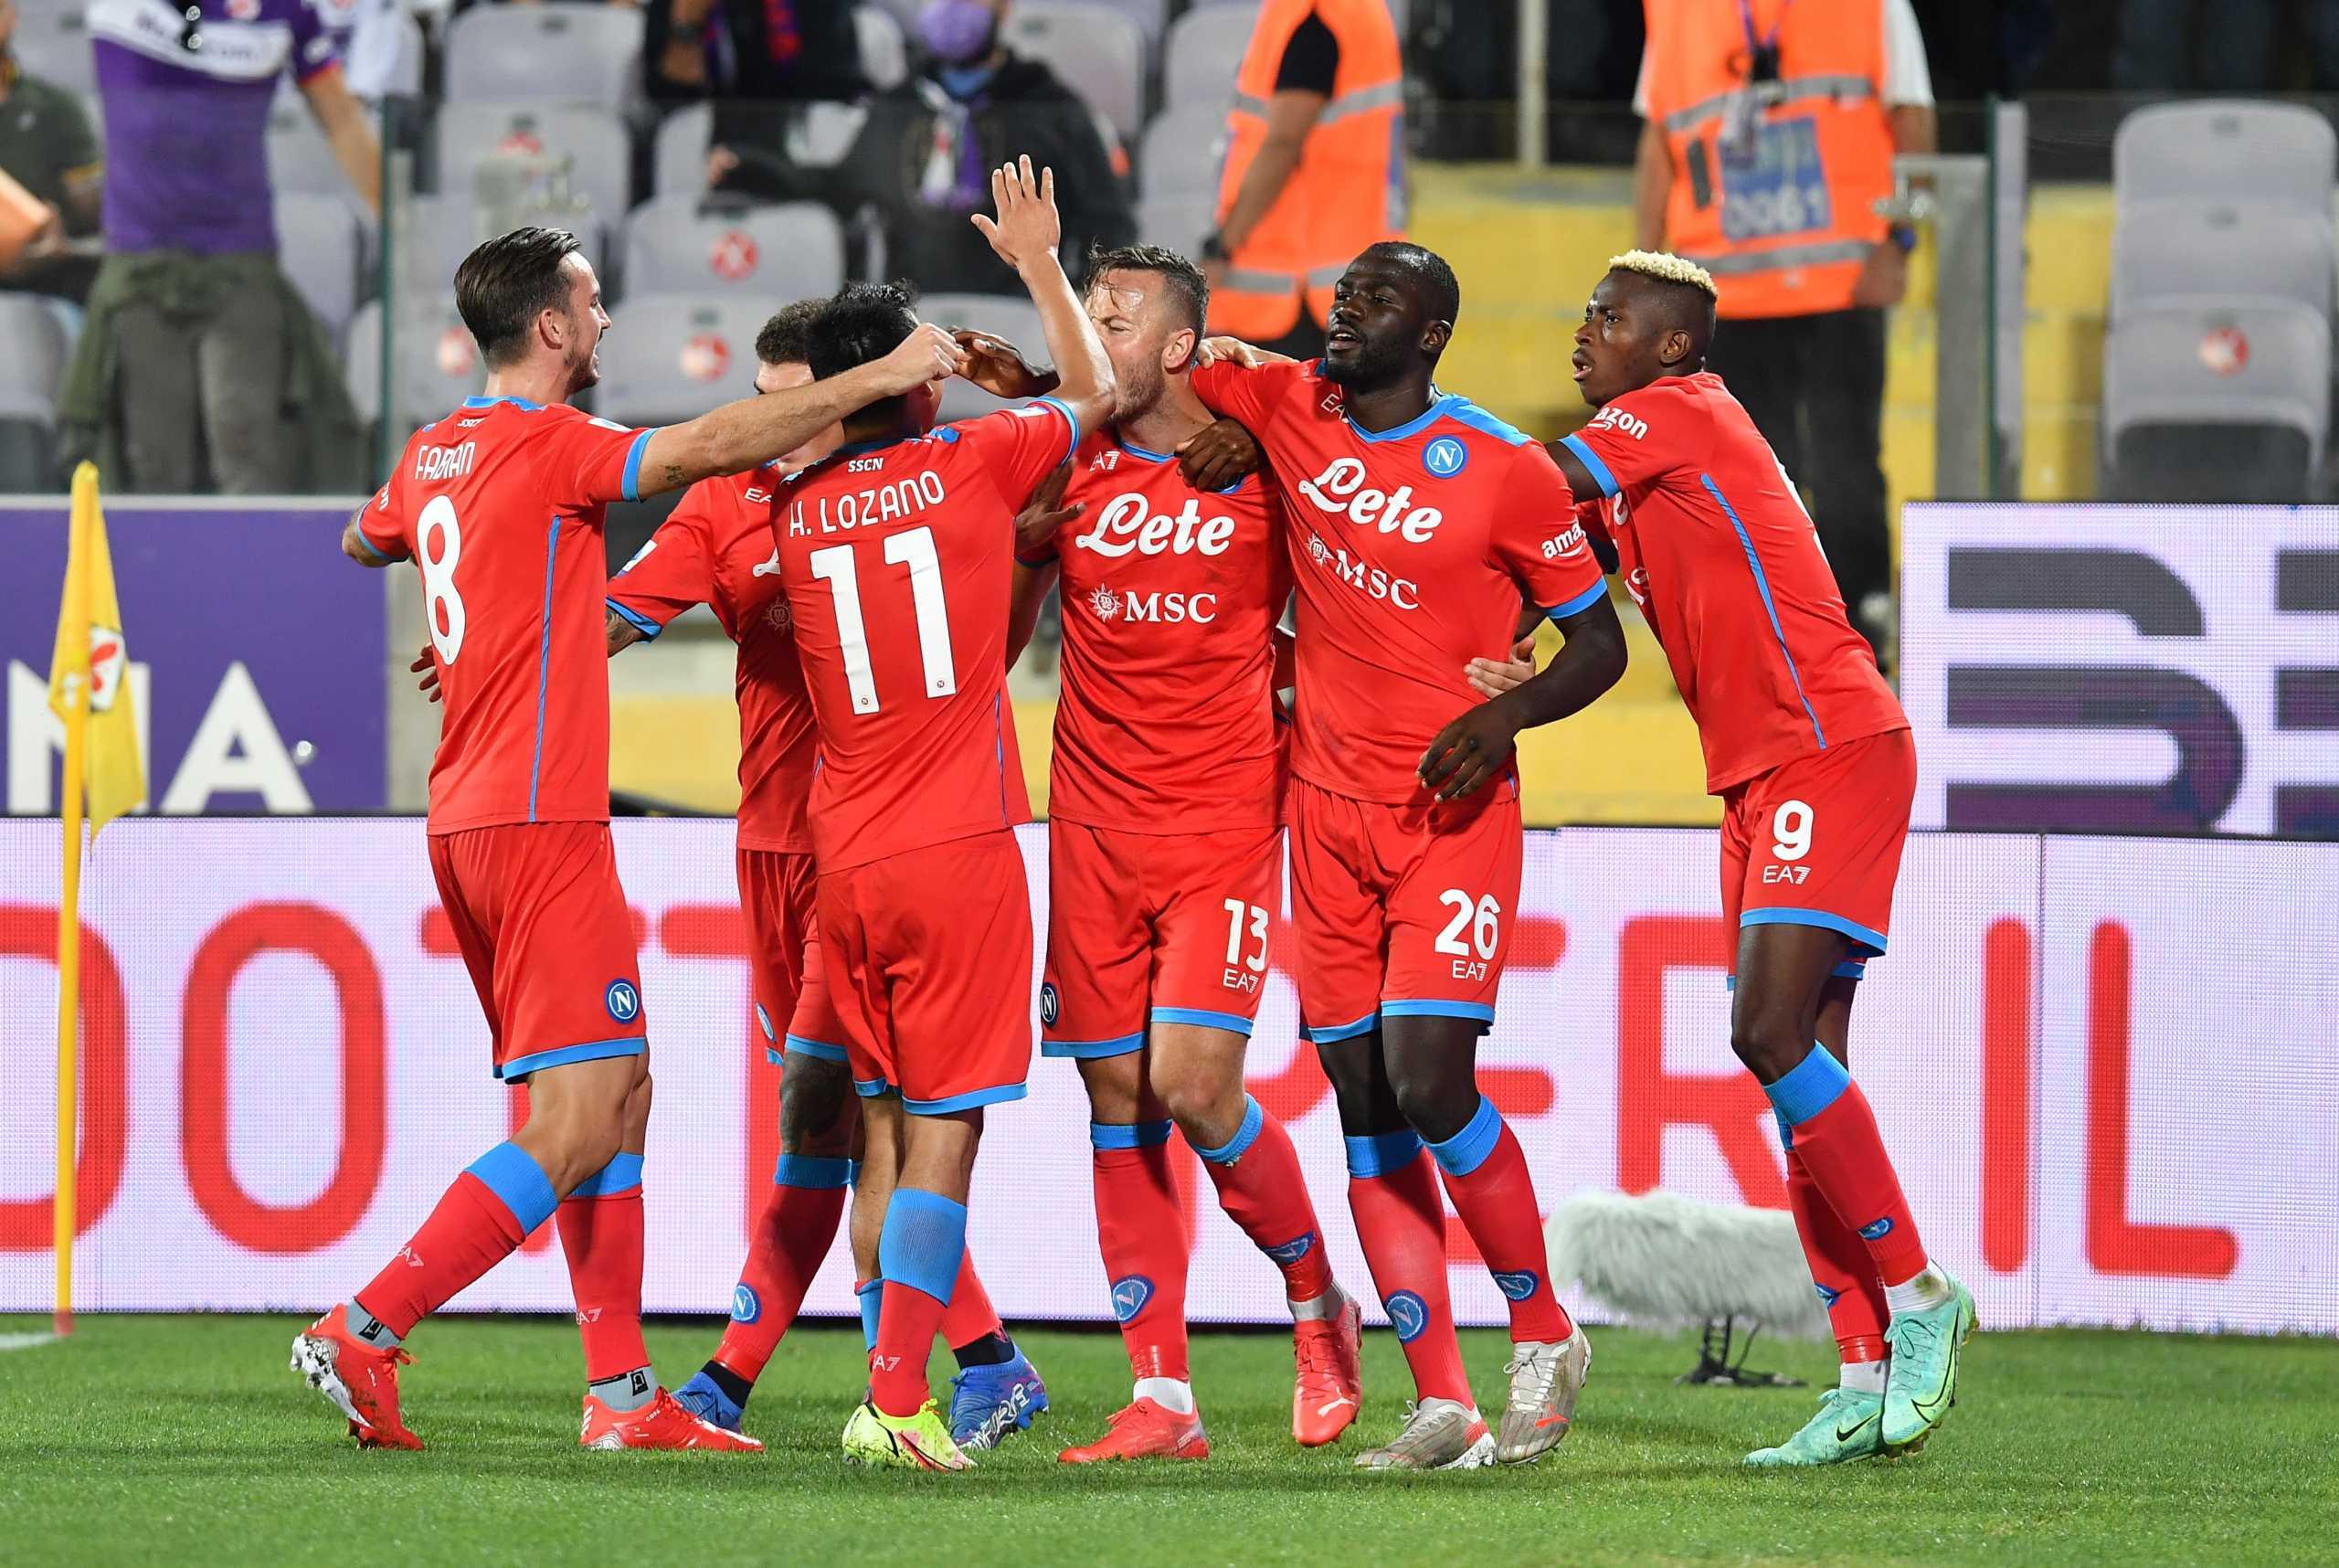 Serie A, Φιορεντίνα – Νάπολι 1-2: Ανατροπή και με το απόλυτο στην κορυφή